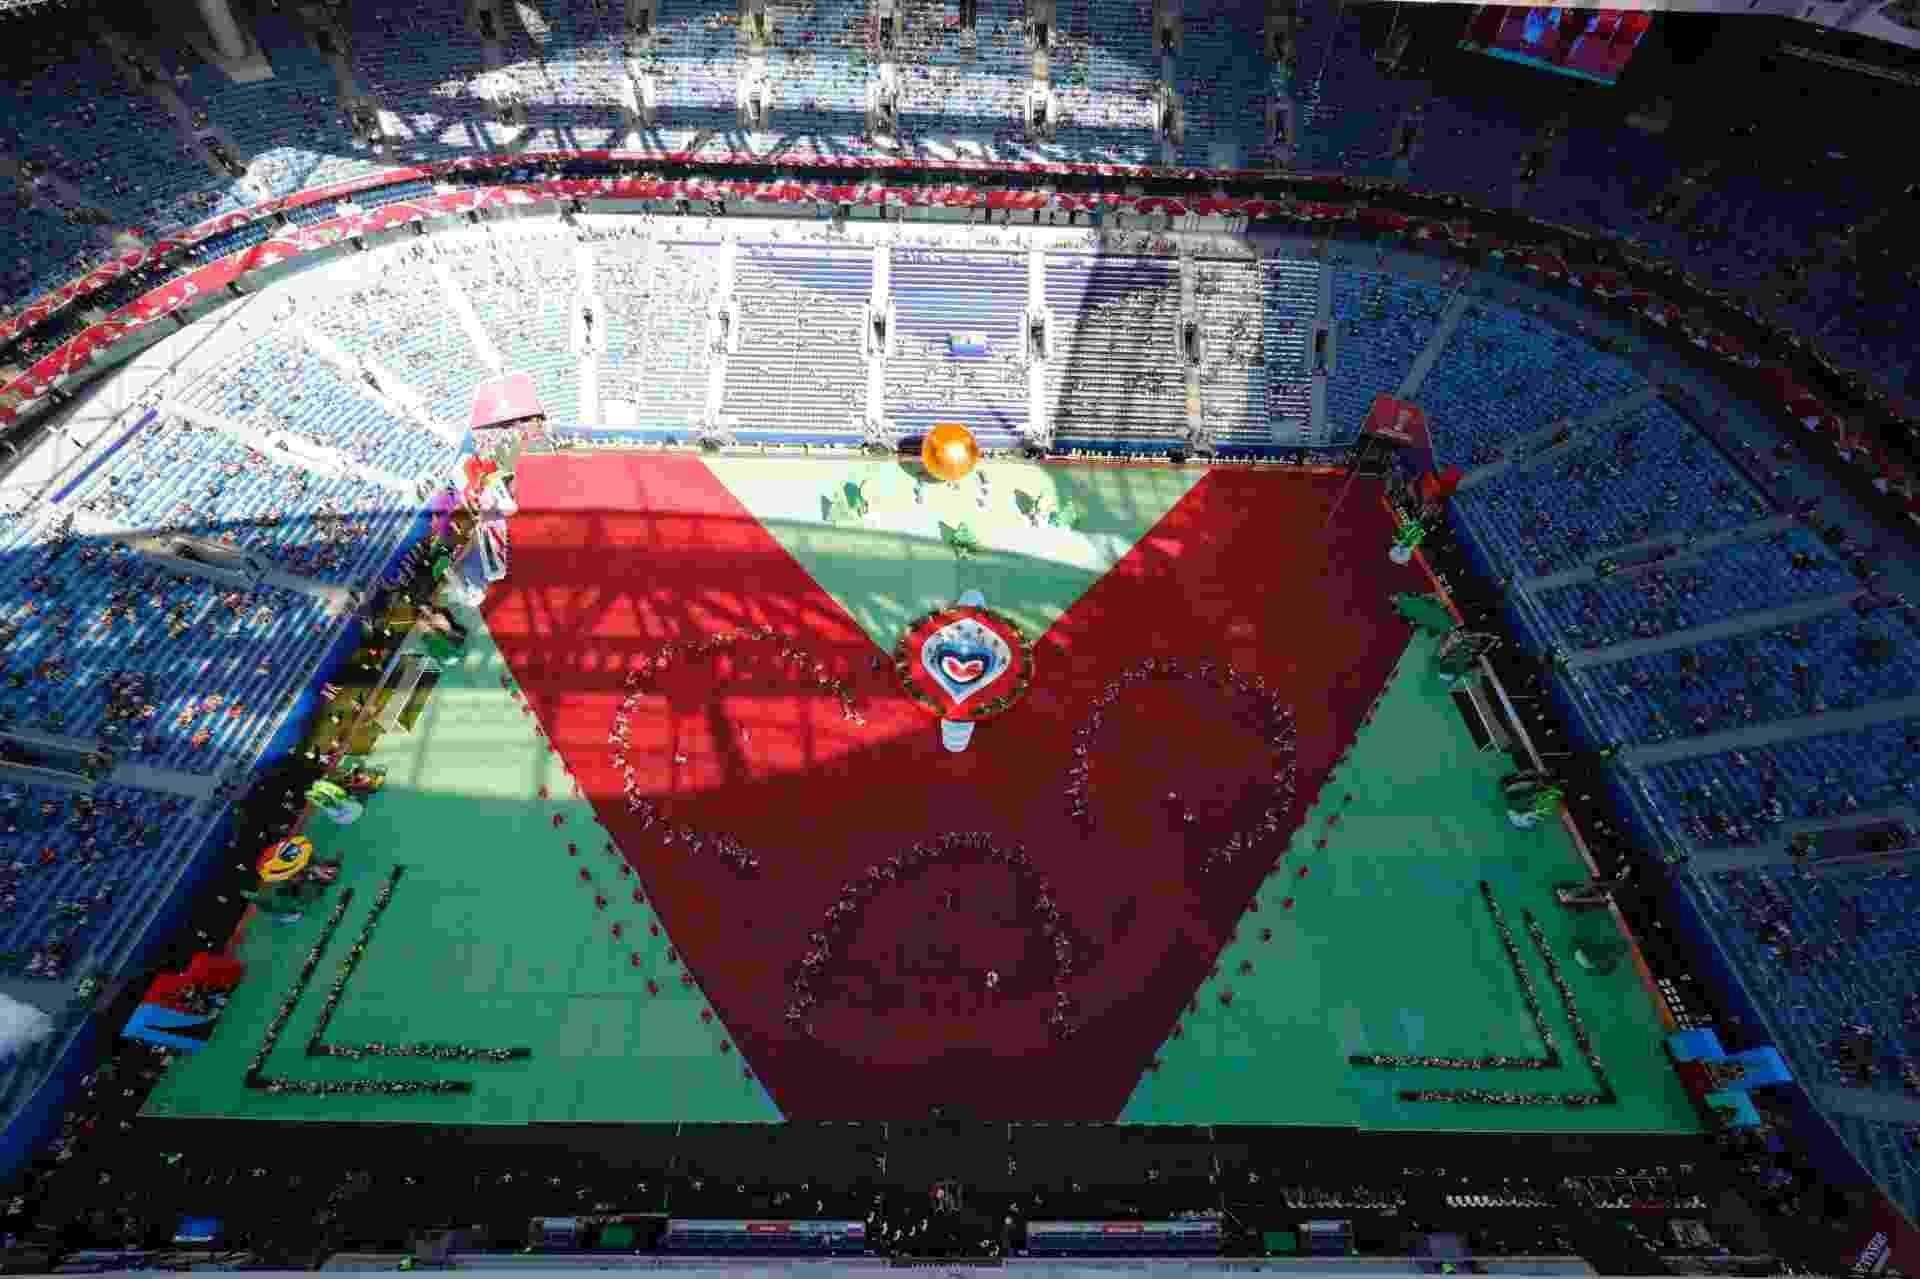 Cerimônia de abertura da Copa das Confederações contou com baixo público - PAWEL KOPCZYNSKI/REUTERS